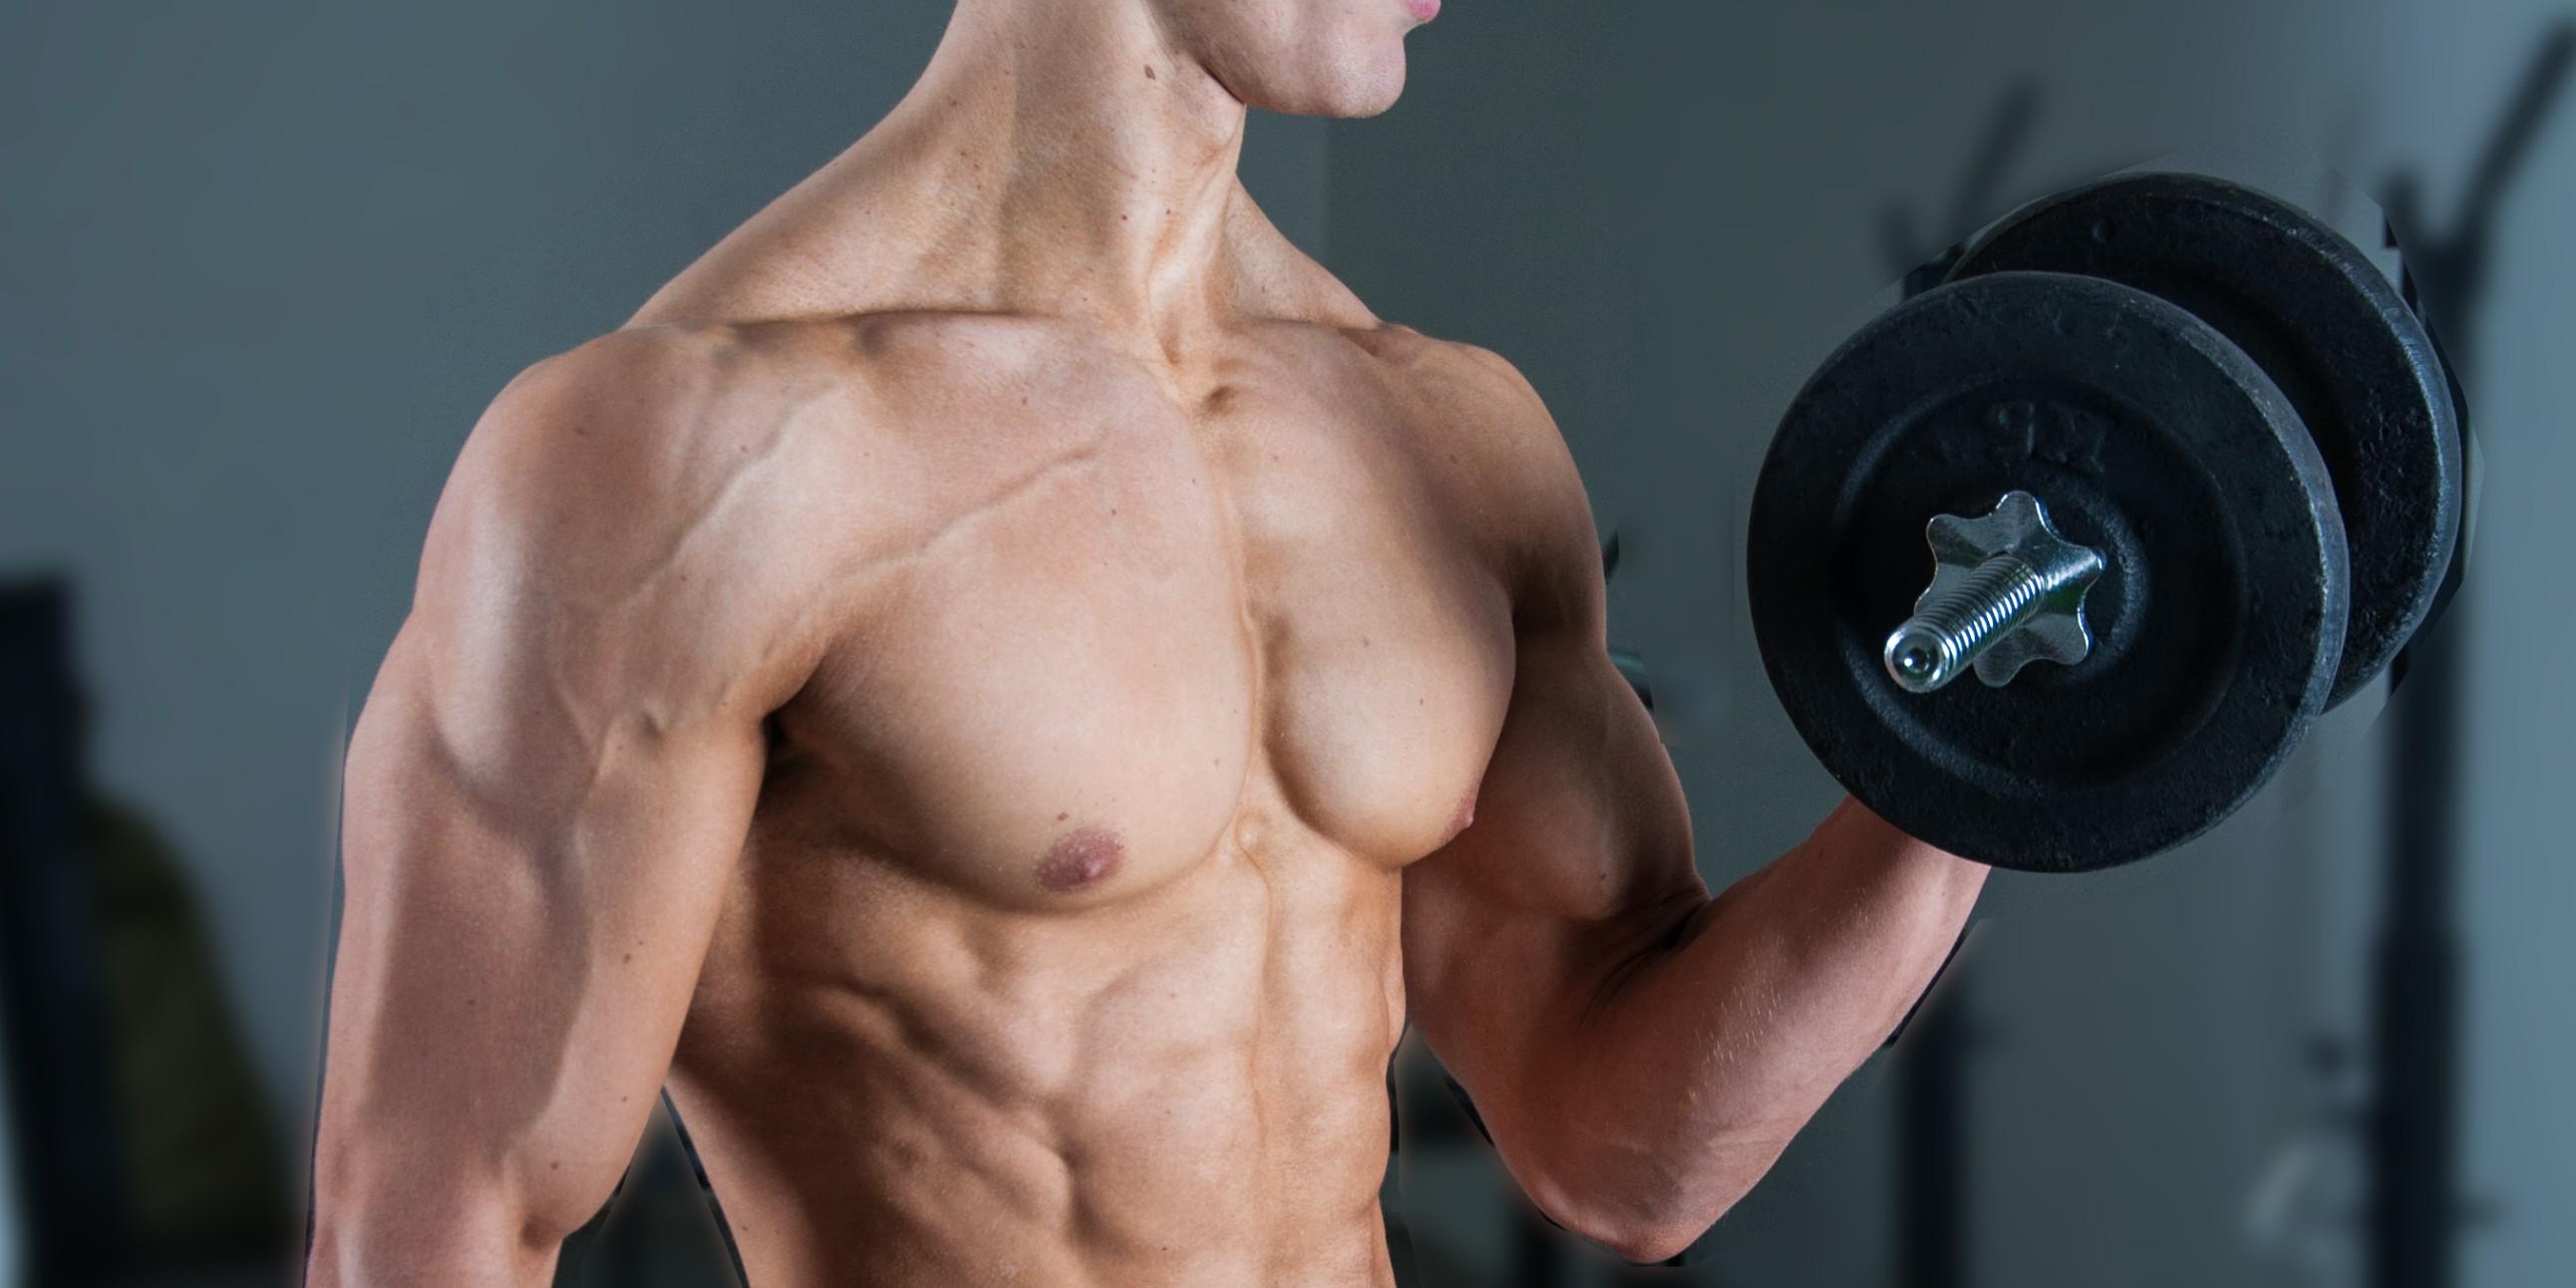 oefeningen biceps trainen gespierde armen